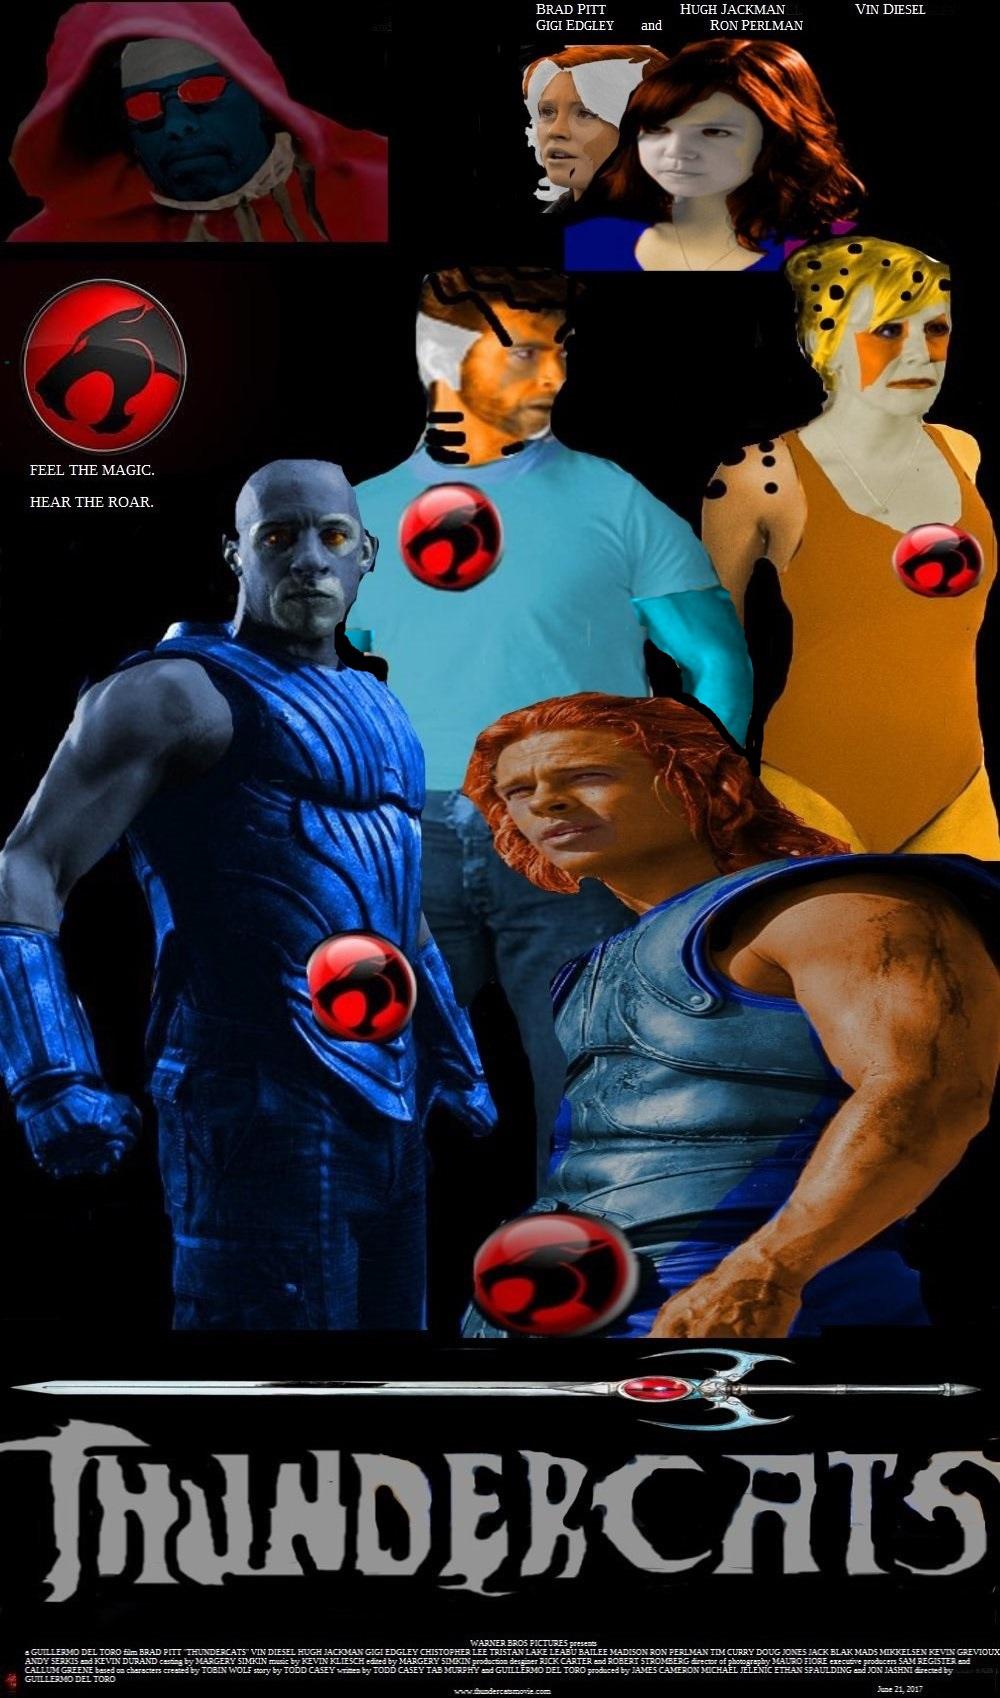 thundercats film poster by steveirwinfan96 on deviantart